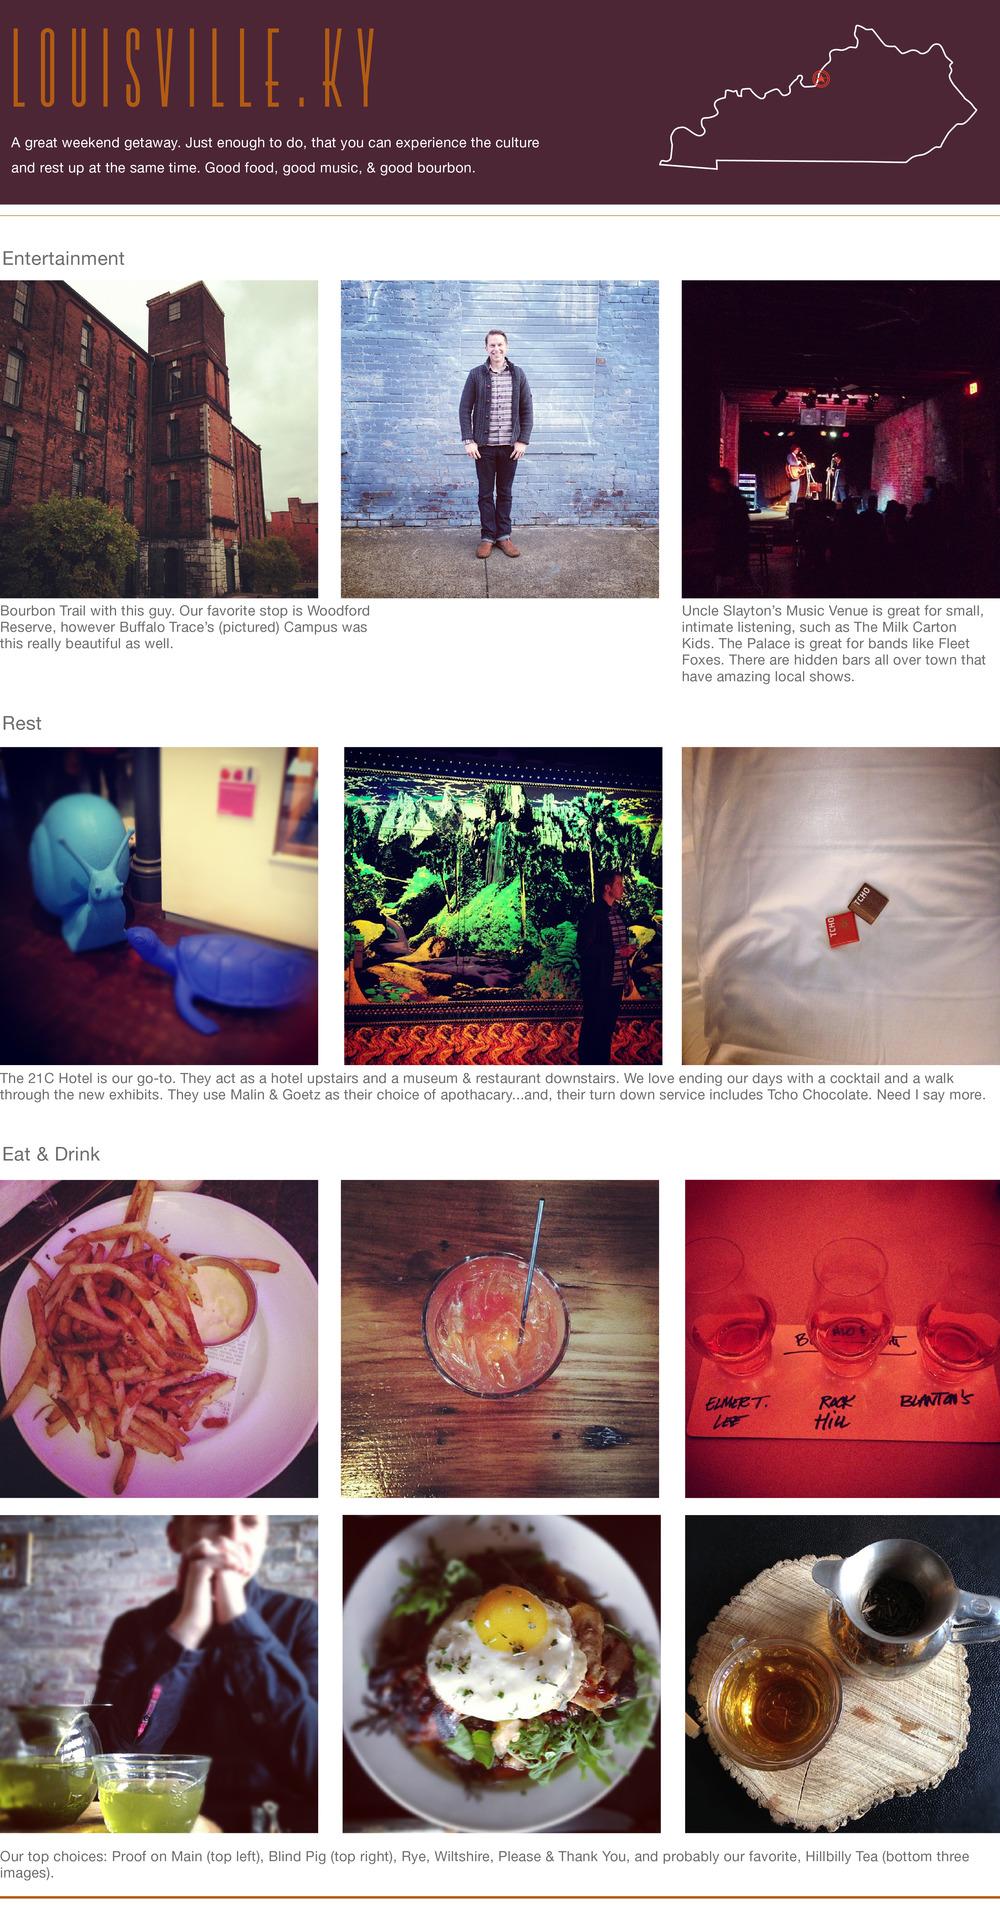 images via ginger&birch instagram